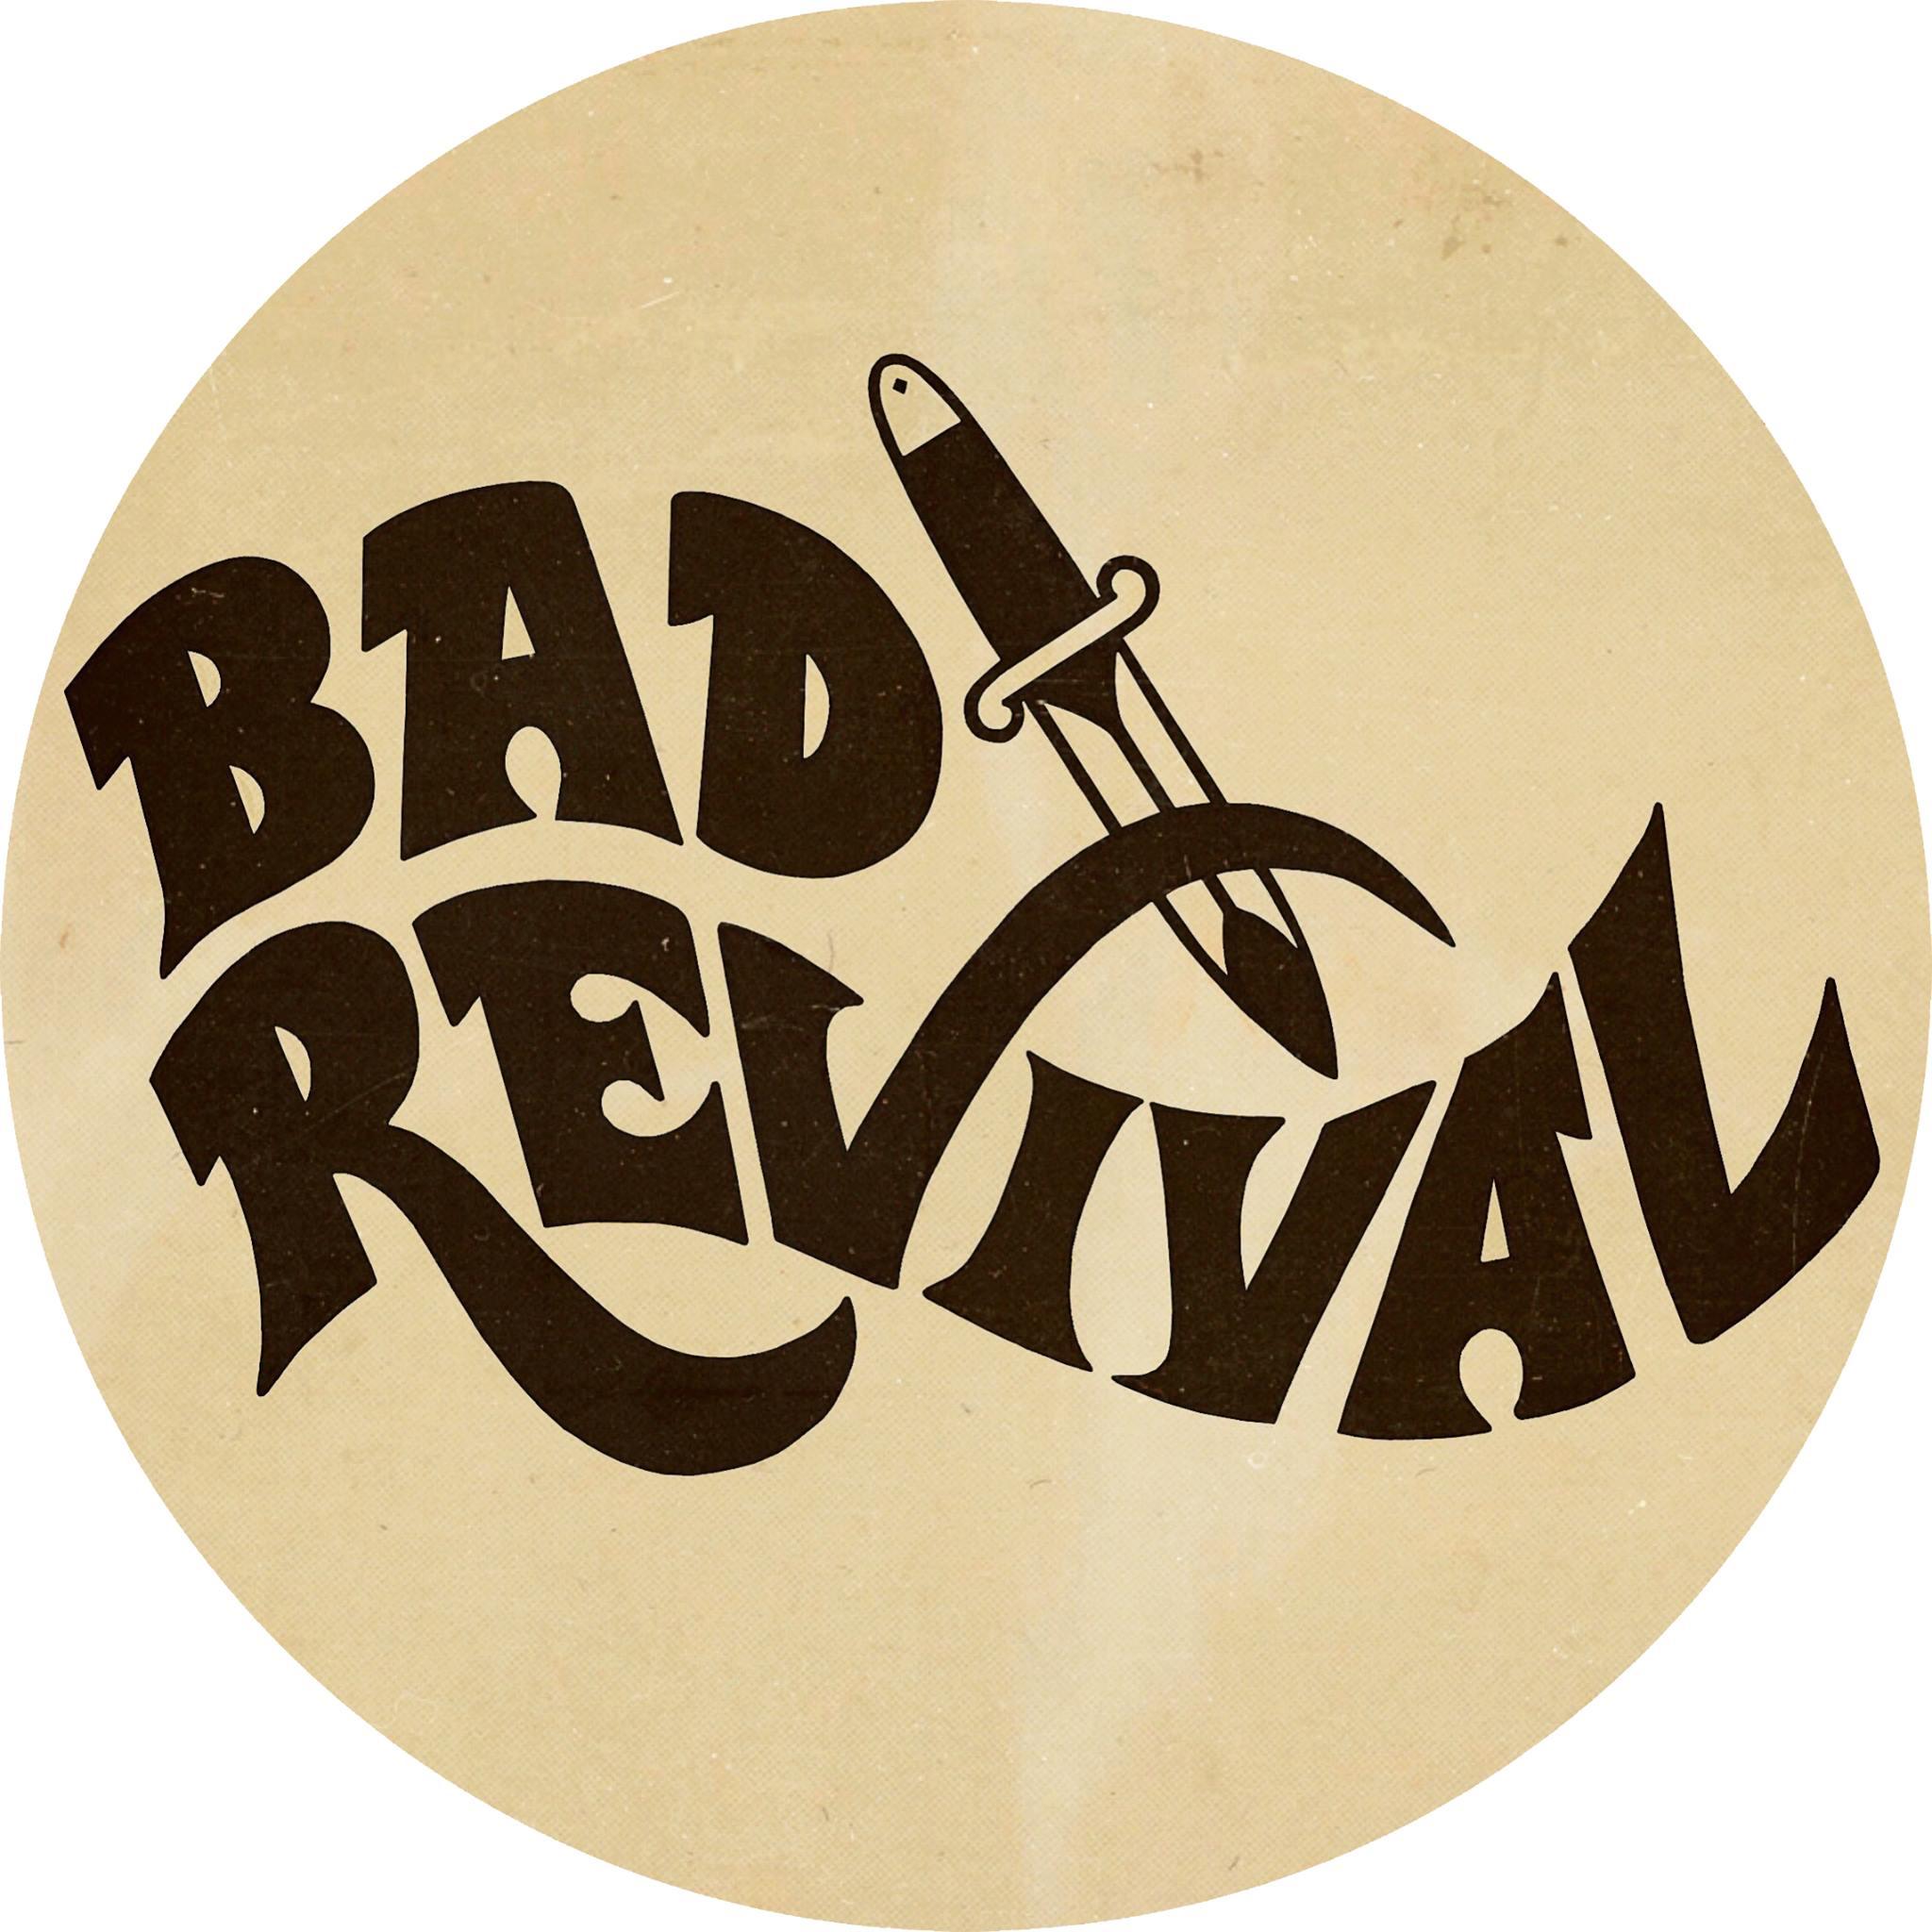 Bad Revival.jpg